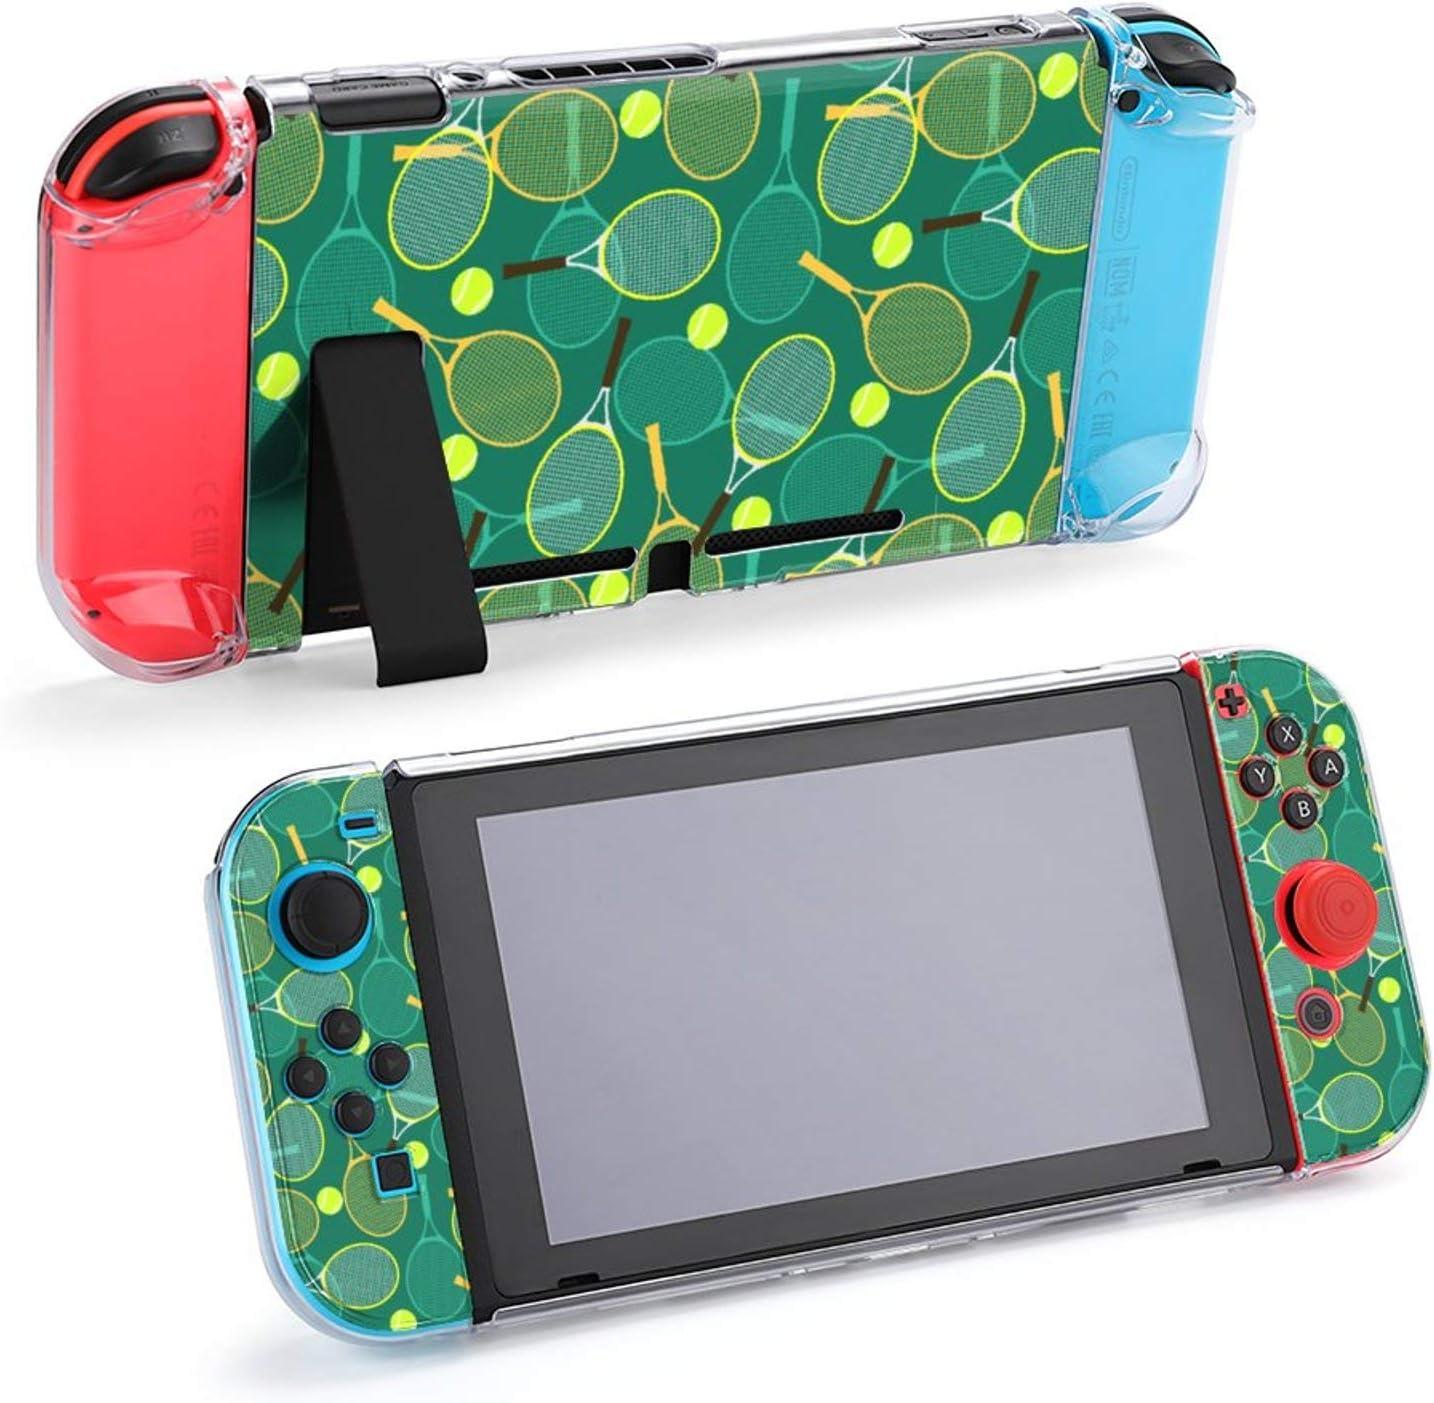 Accesorios Protectores para Raquetas y Pelotas de Tenis, Funda para Nintendo Switch, Funda acoplable para Consola Nintendo Switch